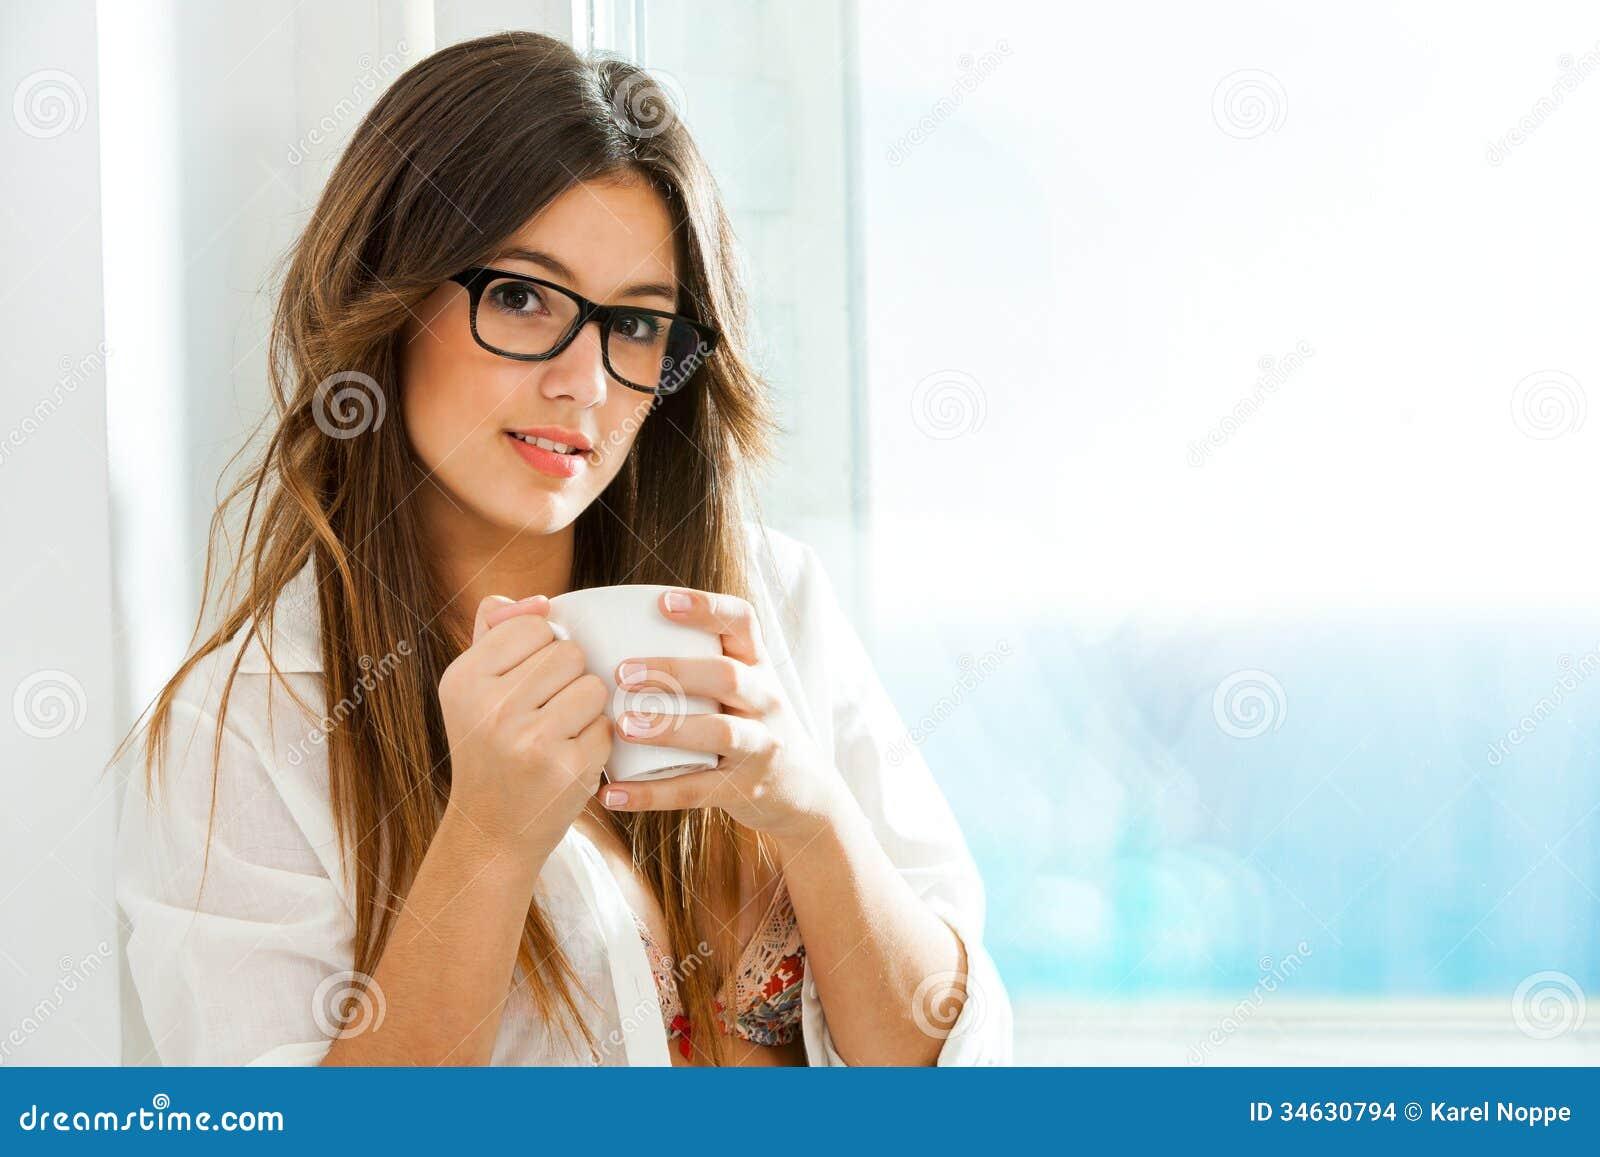 Caff bevente della ragazza sveglia alla finestra immagini stock immagine 34630794 - Ragazza alla finestra ...